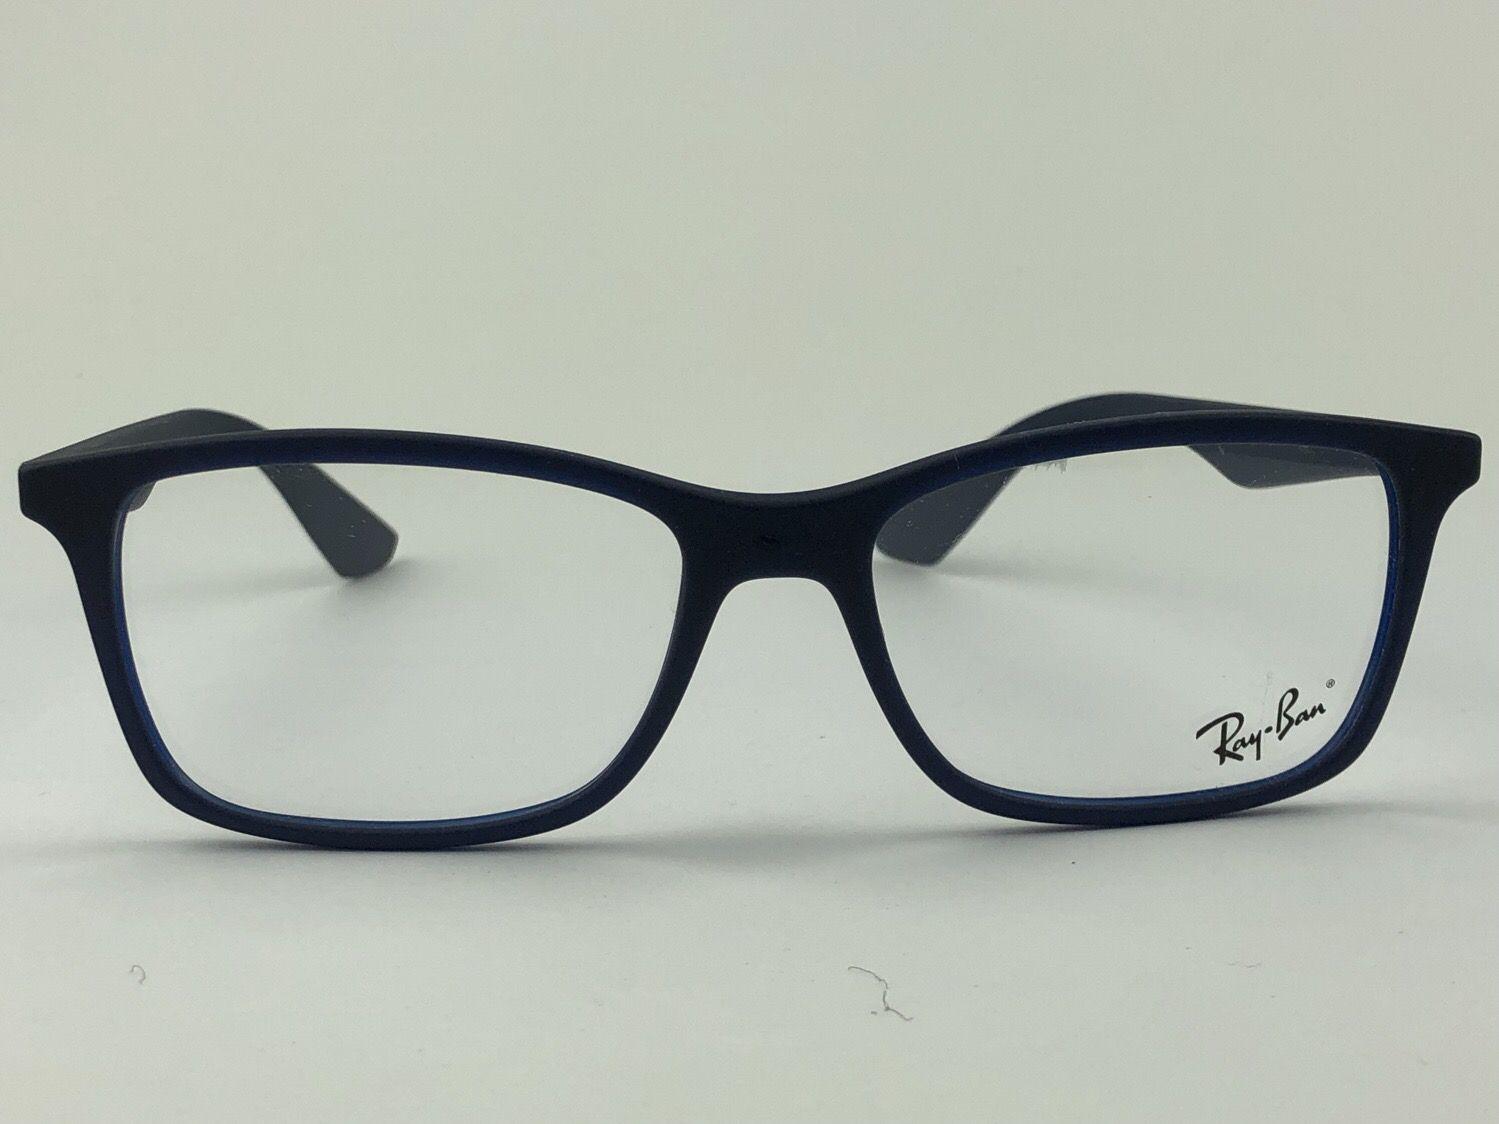 Ray Ban Optical - RX7047L - Azul - 5450 - 56/17 - Armação para grau